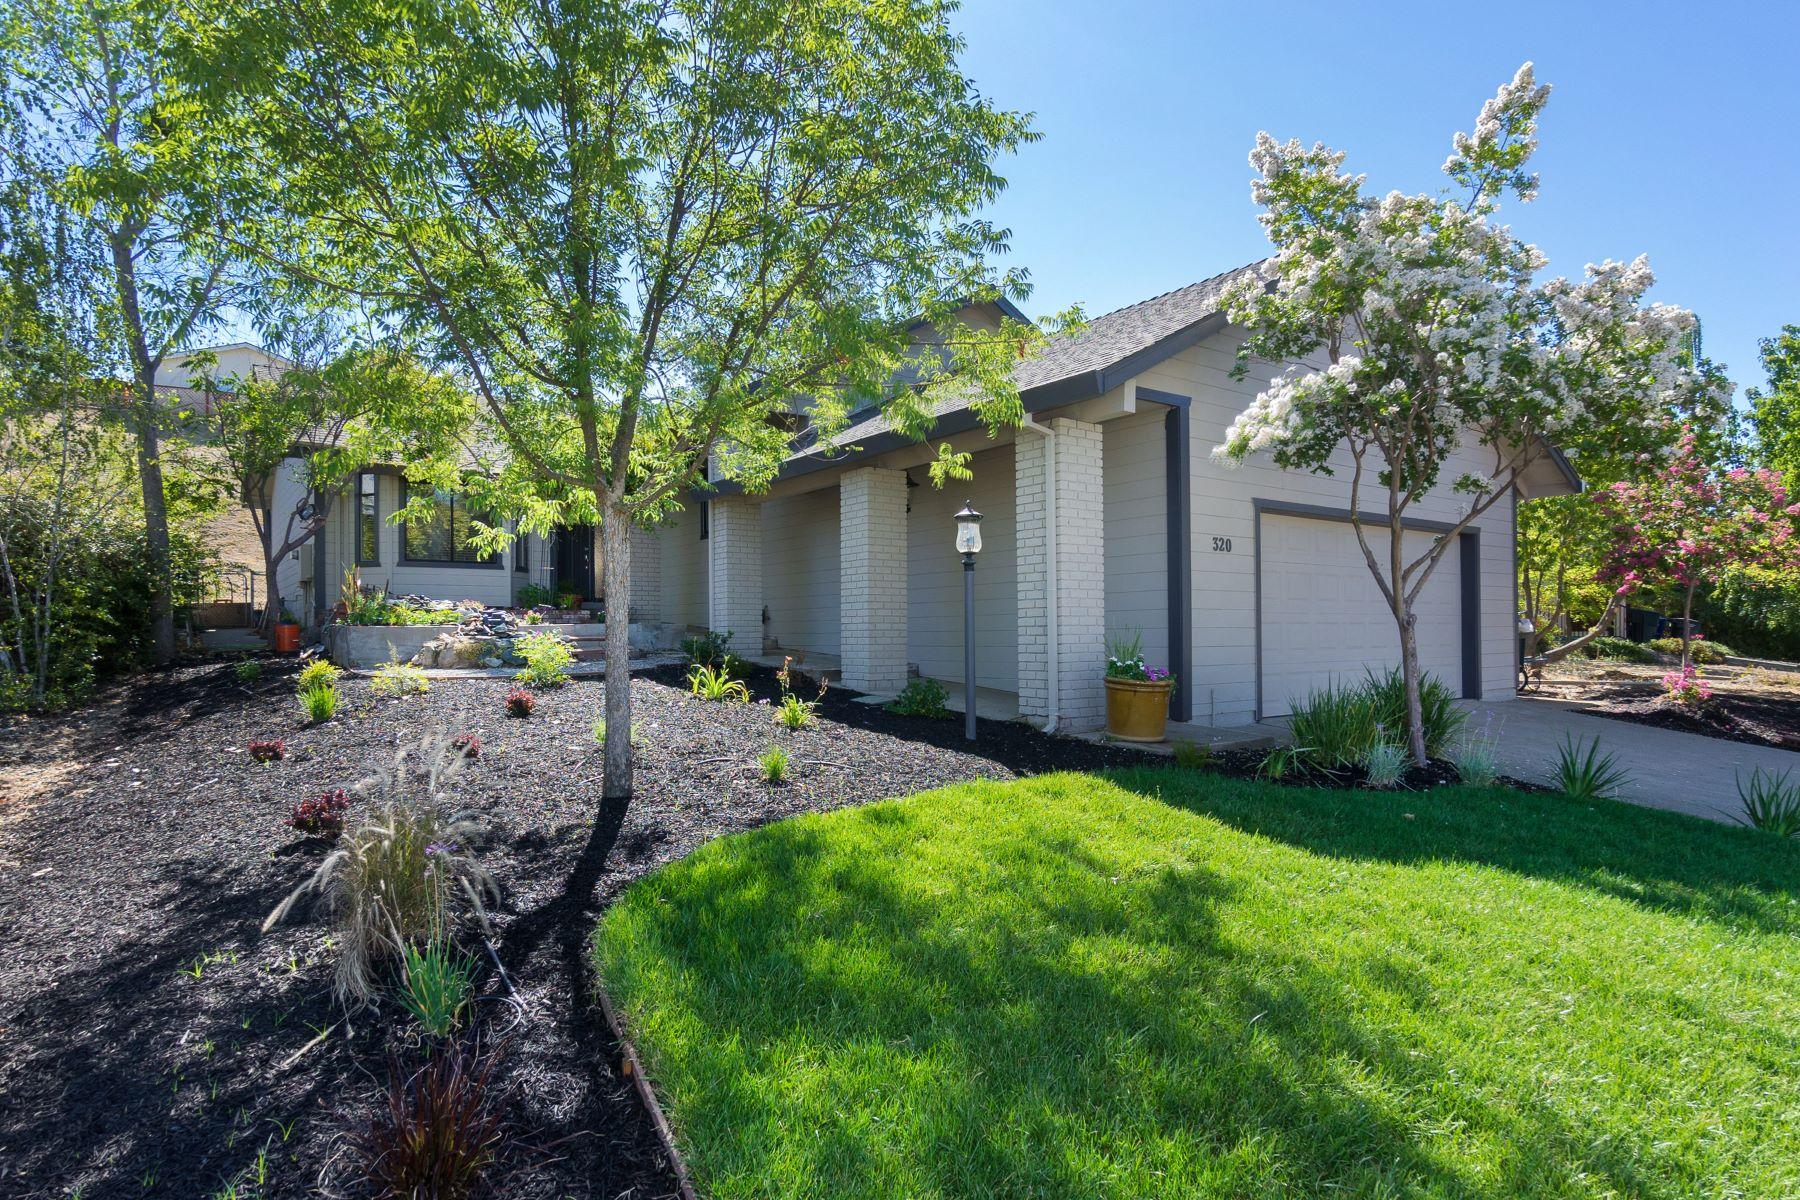 一戸建て のために 売買 アット Newly Renovated 1800 sq ft Masterpiece 320 Gold Strike Court Sutter Creek, カリフォルニア 95685 アメリカ合衆国